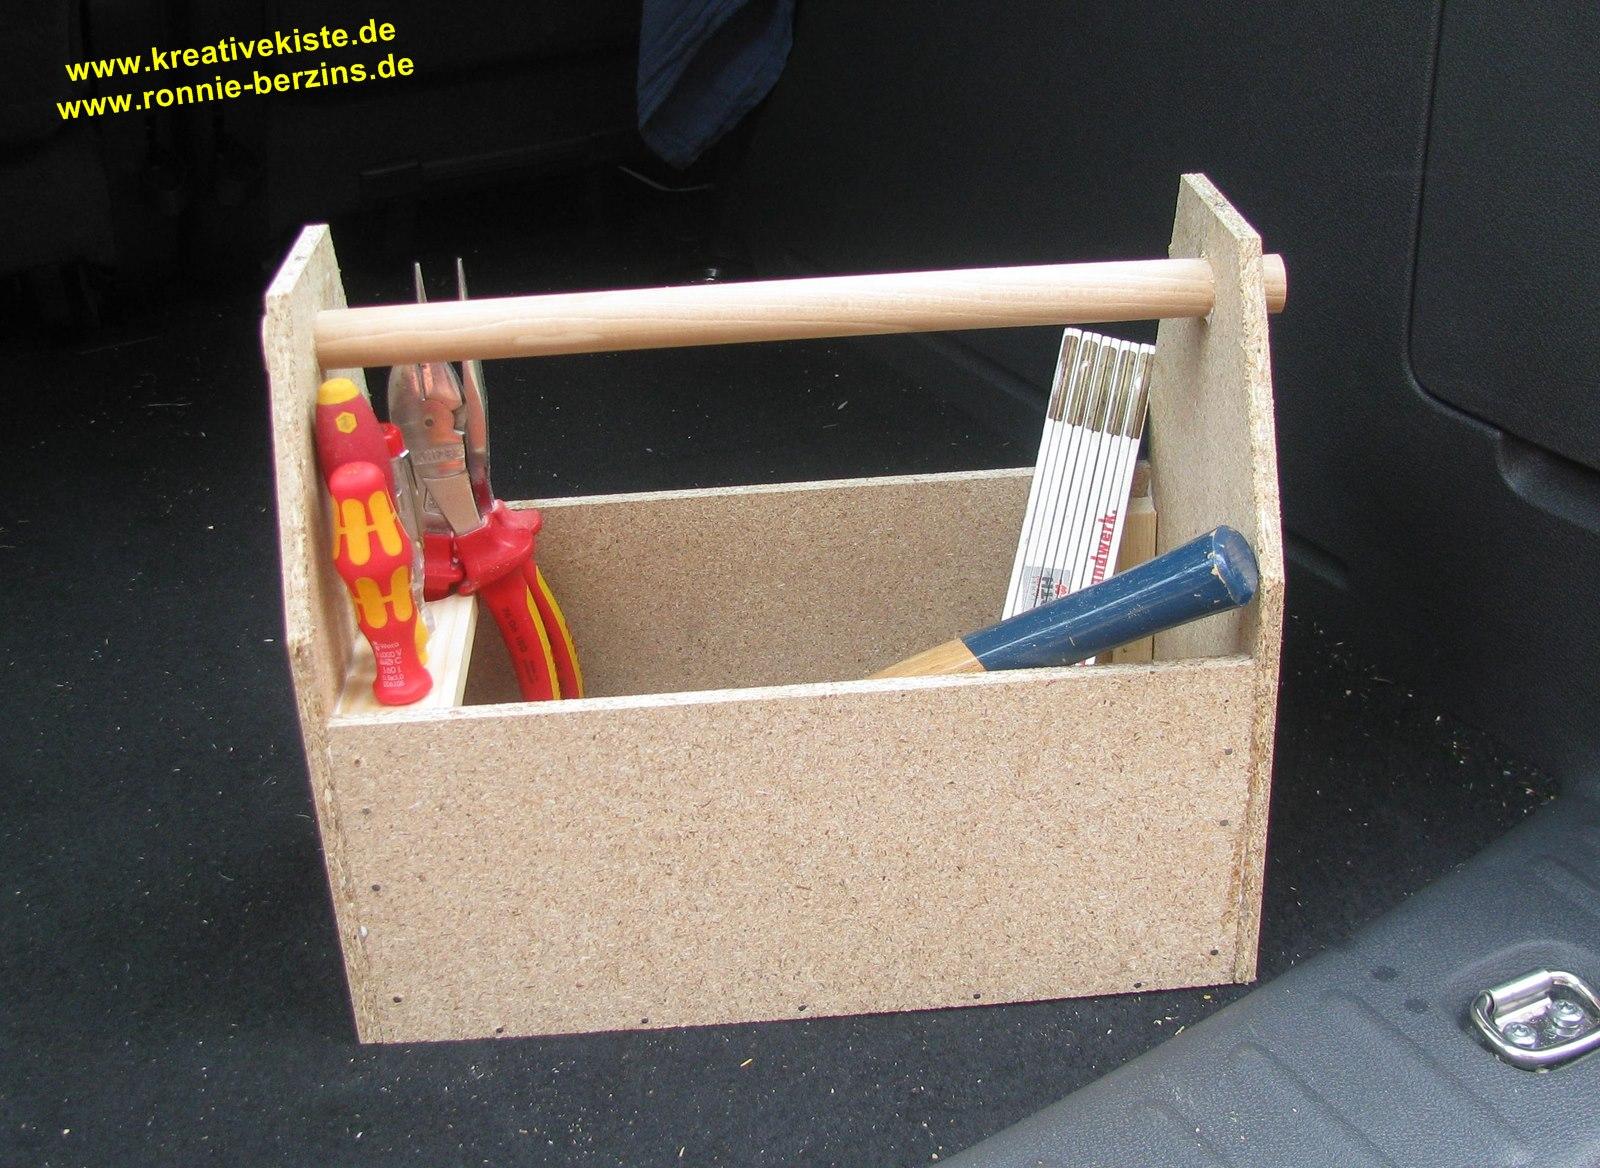 kreative kiste werkzeug kiste selber bauen. Black Bedroom Furniture Sets. Home Design Ideas